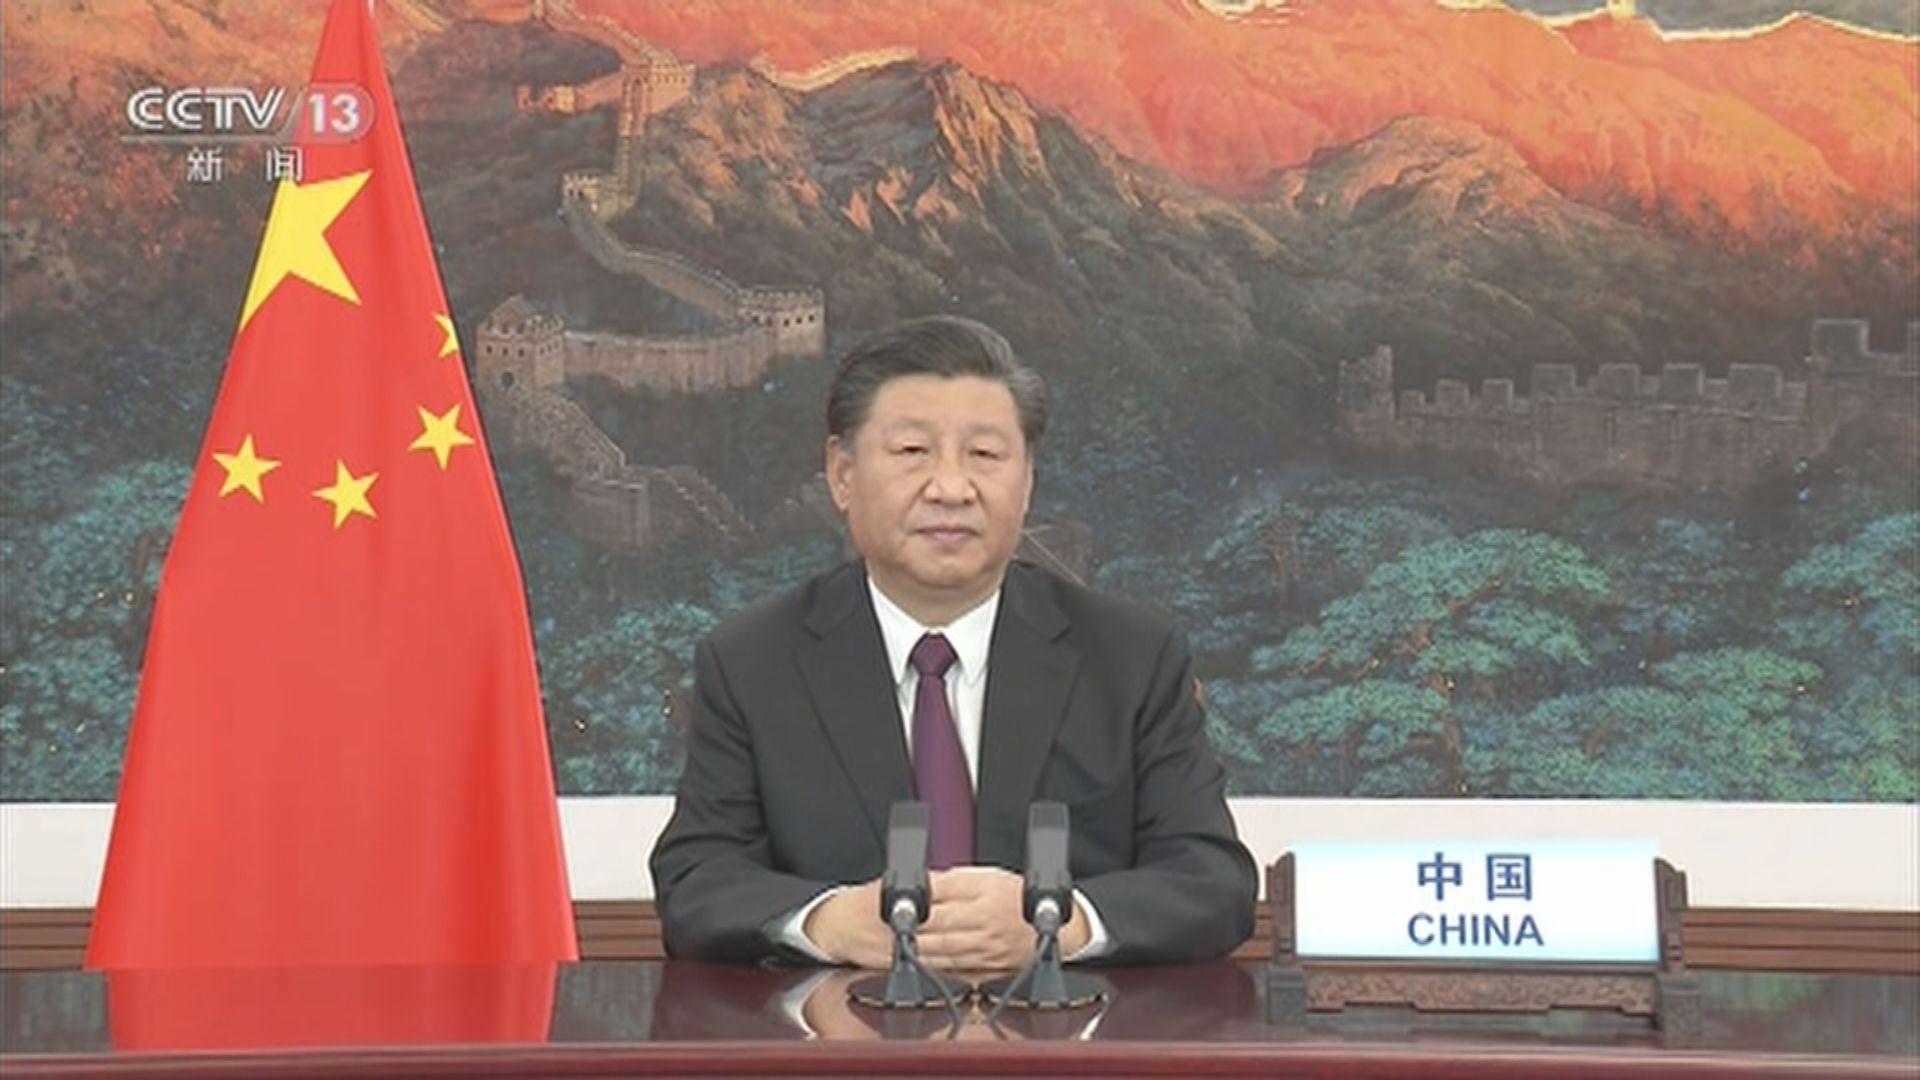 習近平:中國切實履行氣候變化等條約義務